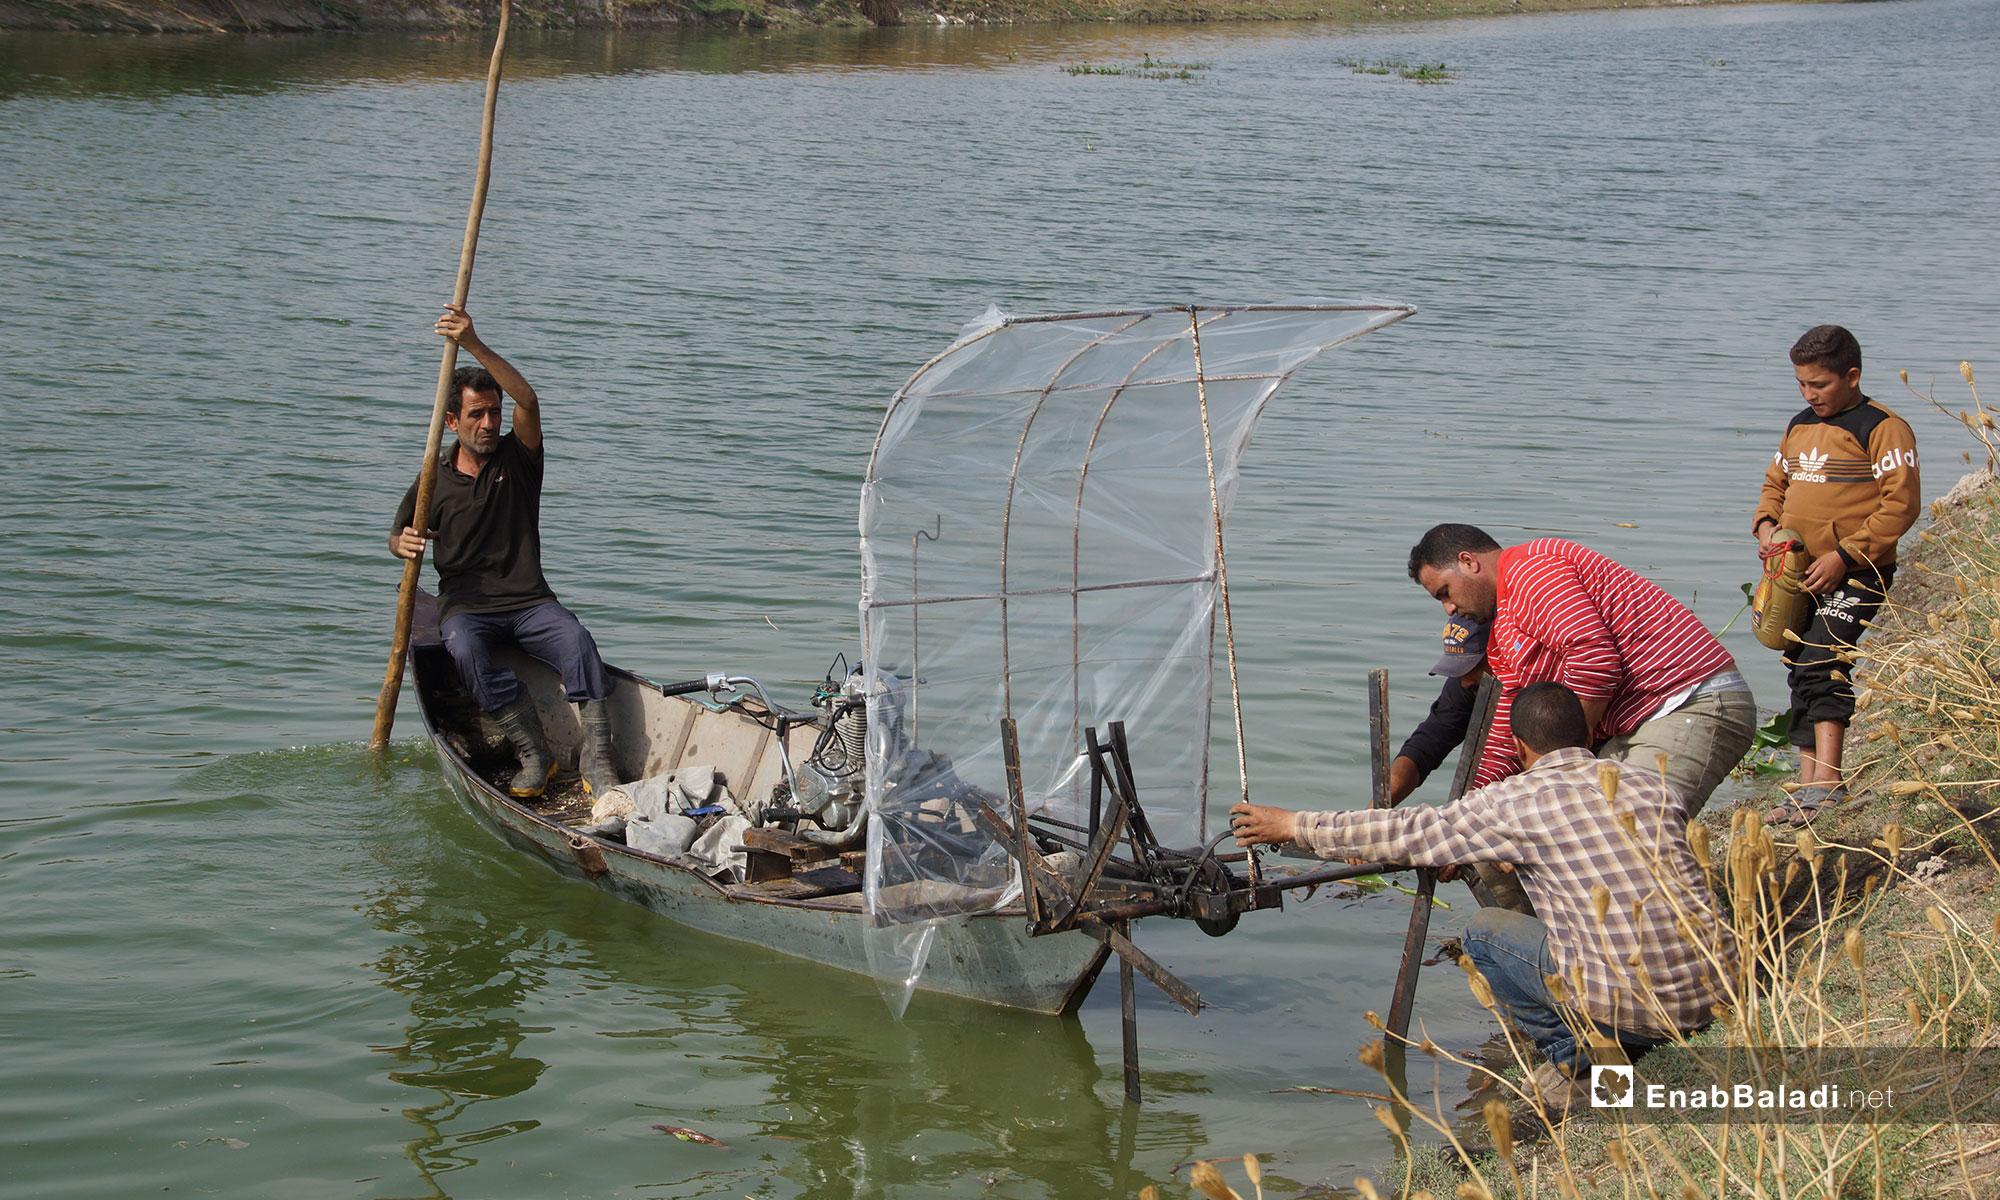 آلة جديدة للقضاء على زهرة النيل في سهل الغاب بريف حماة - 30 من تشرين الاول 2018 (عنب بلدي)